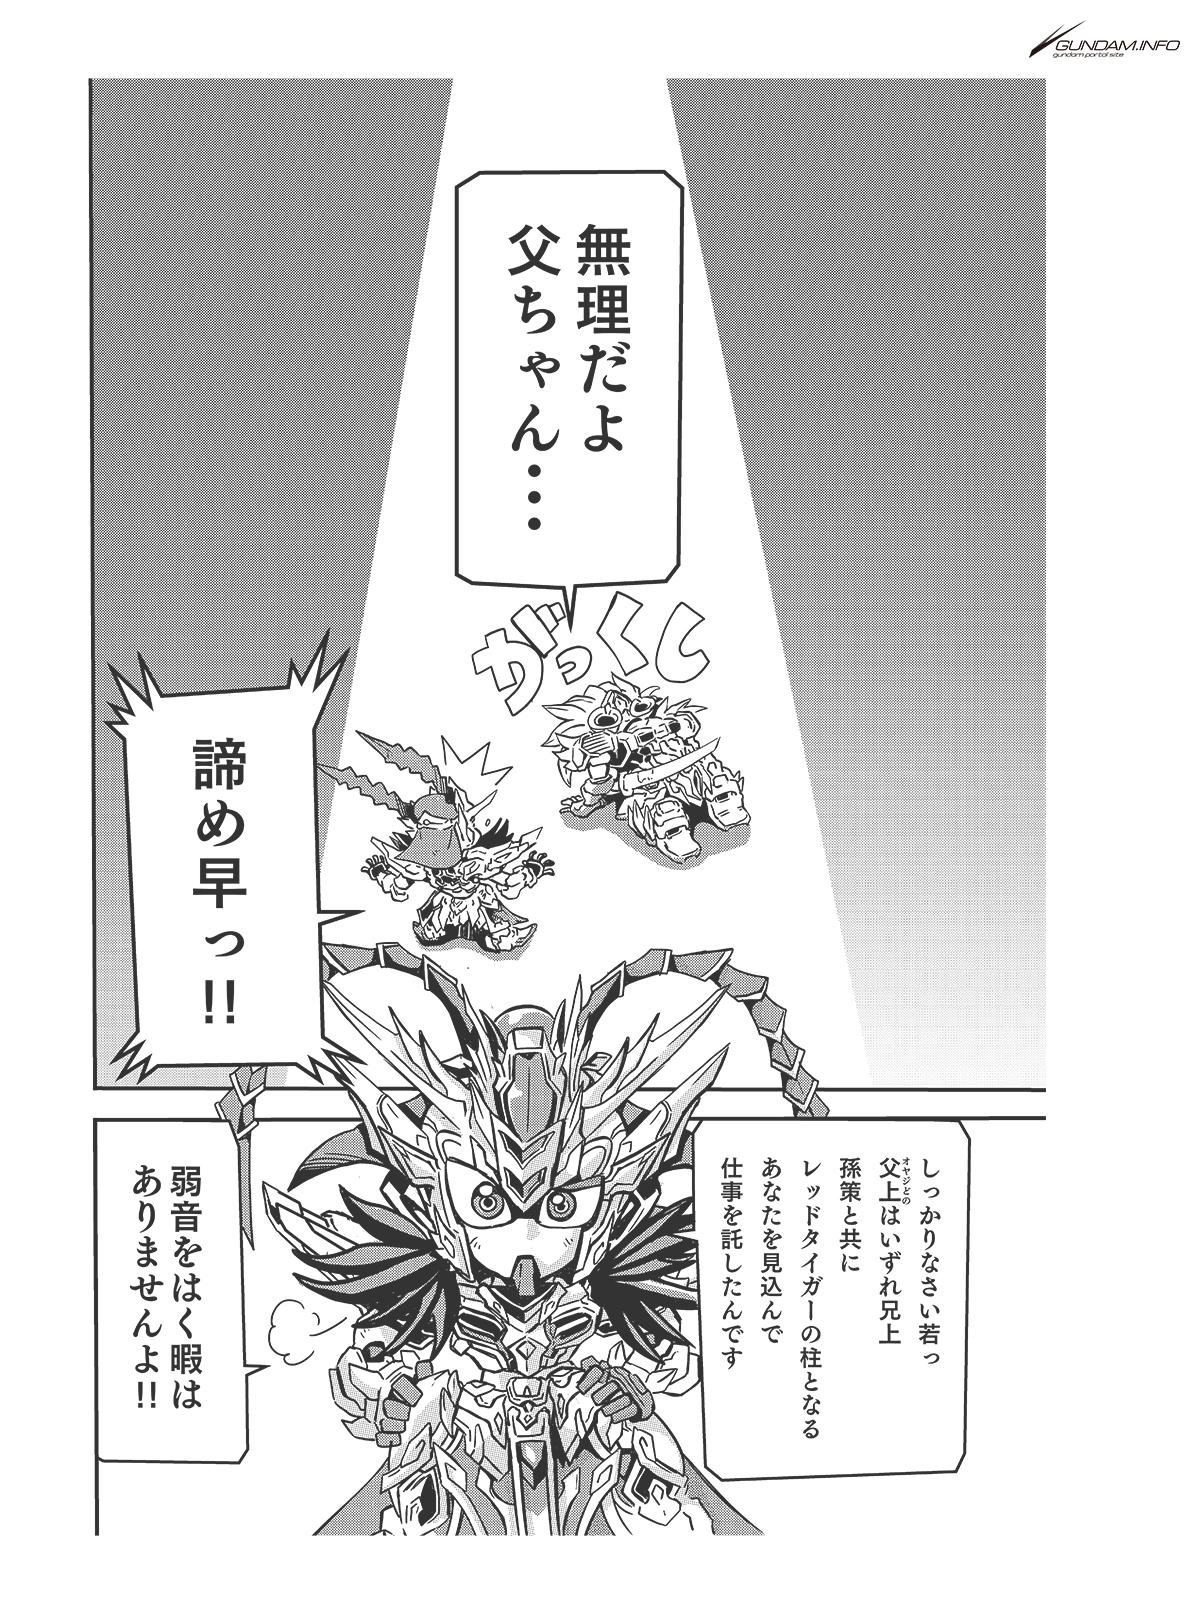 SDガンダムワールド 三国創傑伝 焔虎譚 第3話 P2